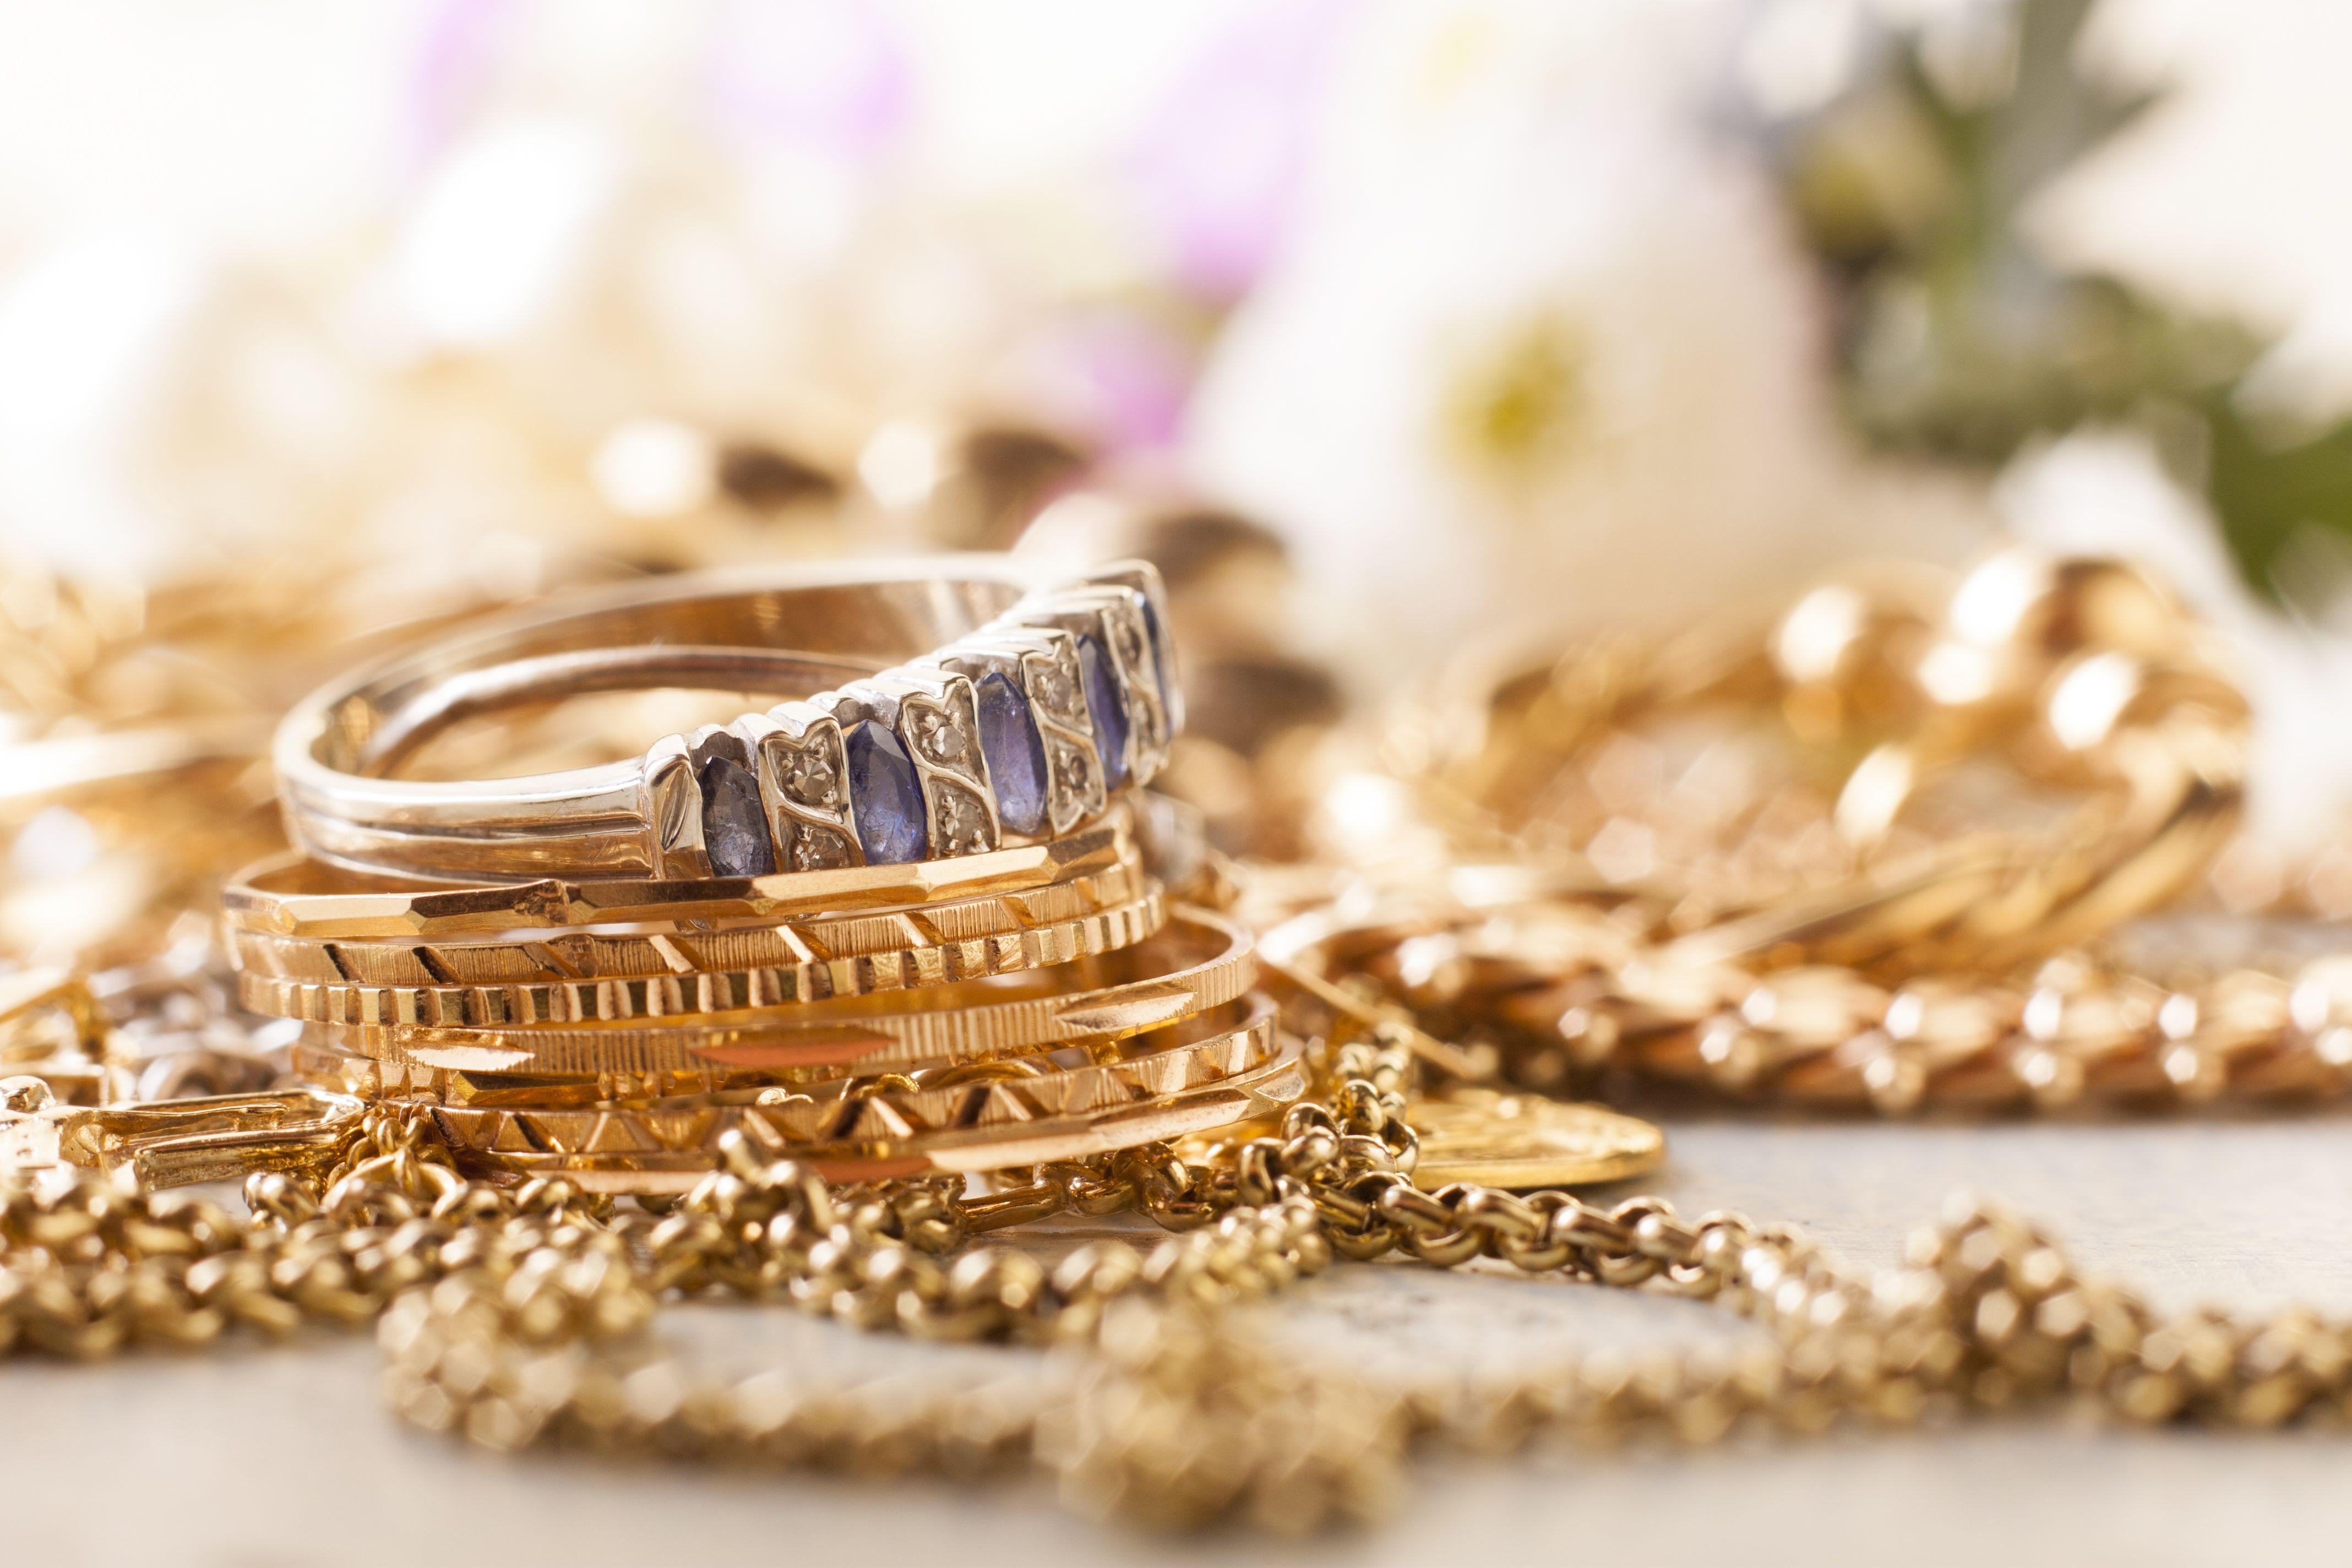 Compra venta de joyas: Servicios de Oroxeurogandia